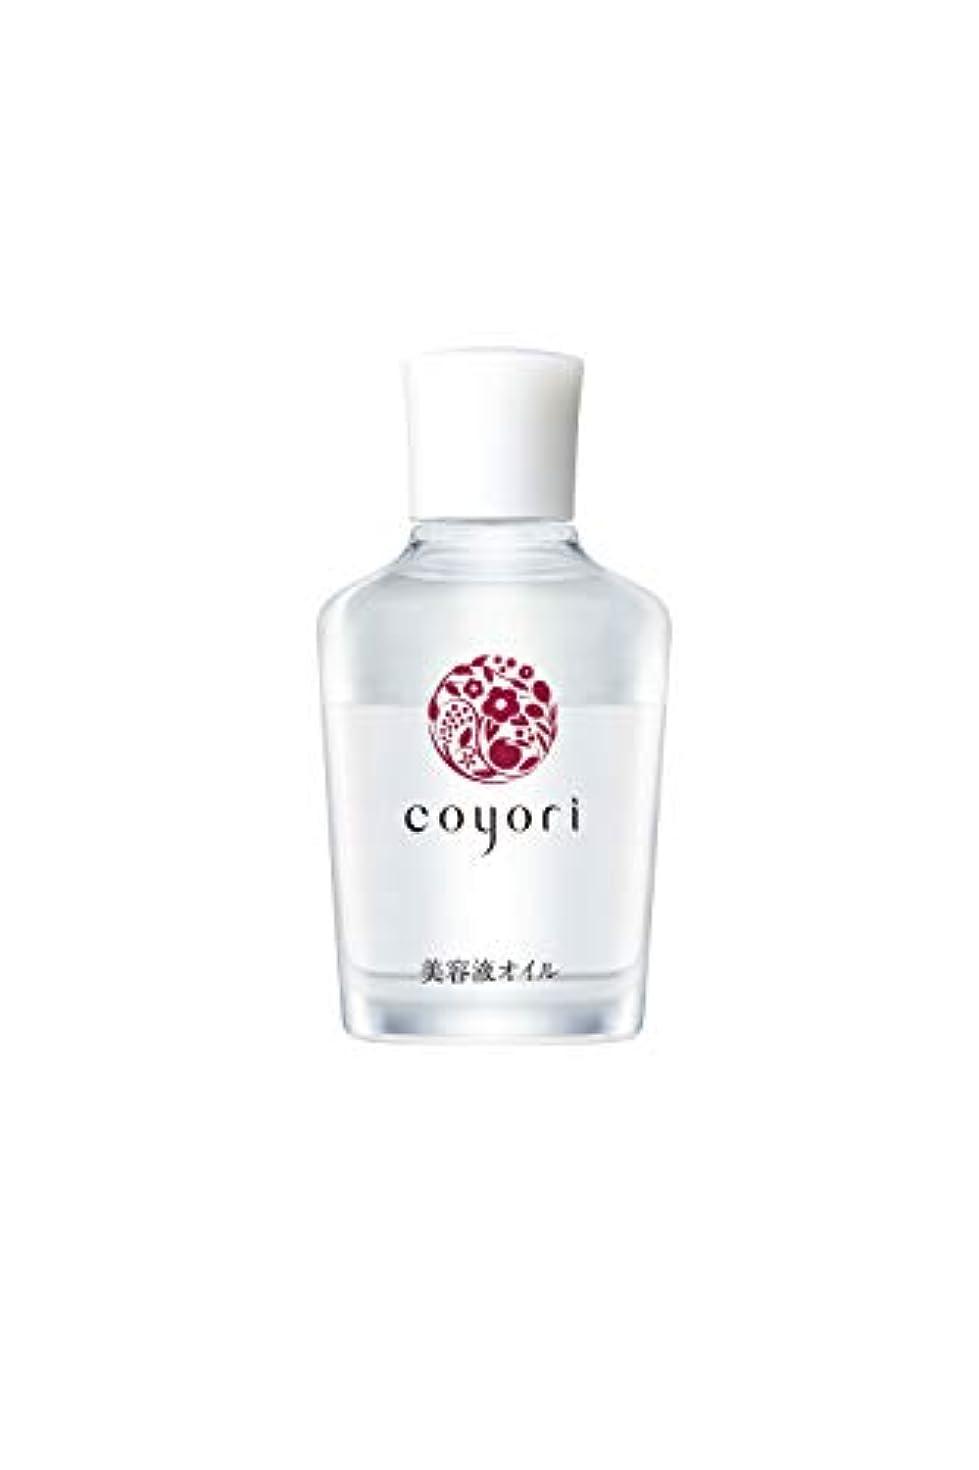 [公式] コヨリ 美容液オイル 40mL 無添加[高機能 自然派 エイジングケア 乾燥肌 敏感肌 くすみ 乾燥 小じわ 対策用 もっちり ハリ ツヤ フェイスオイル ]